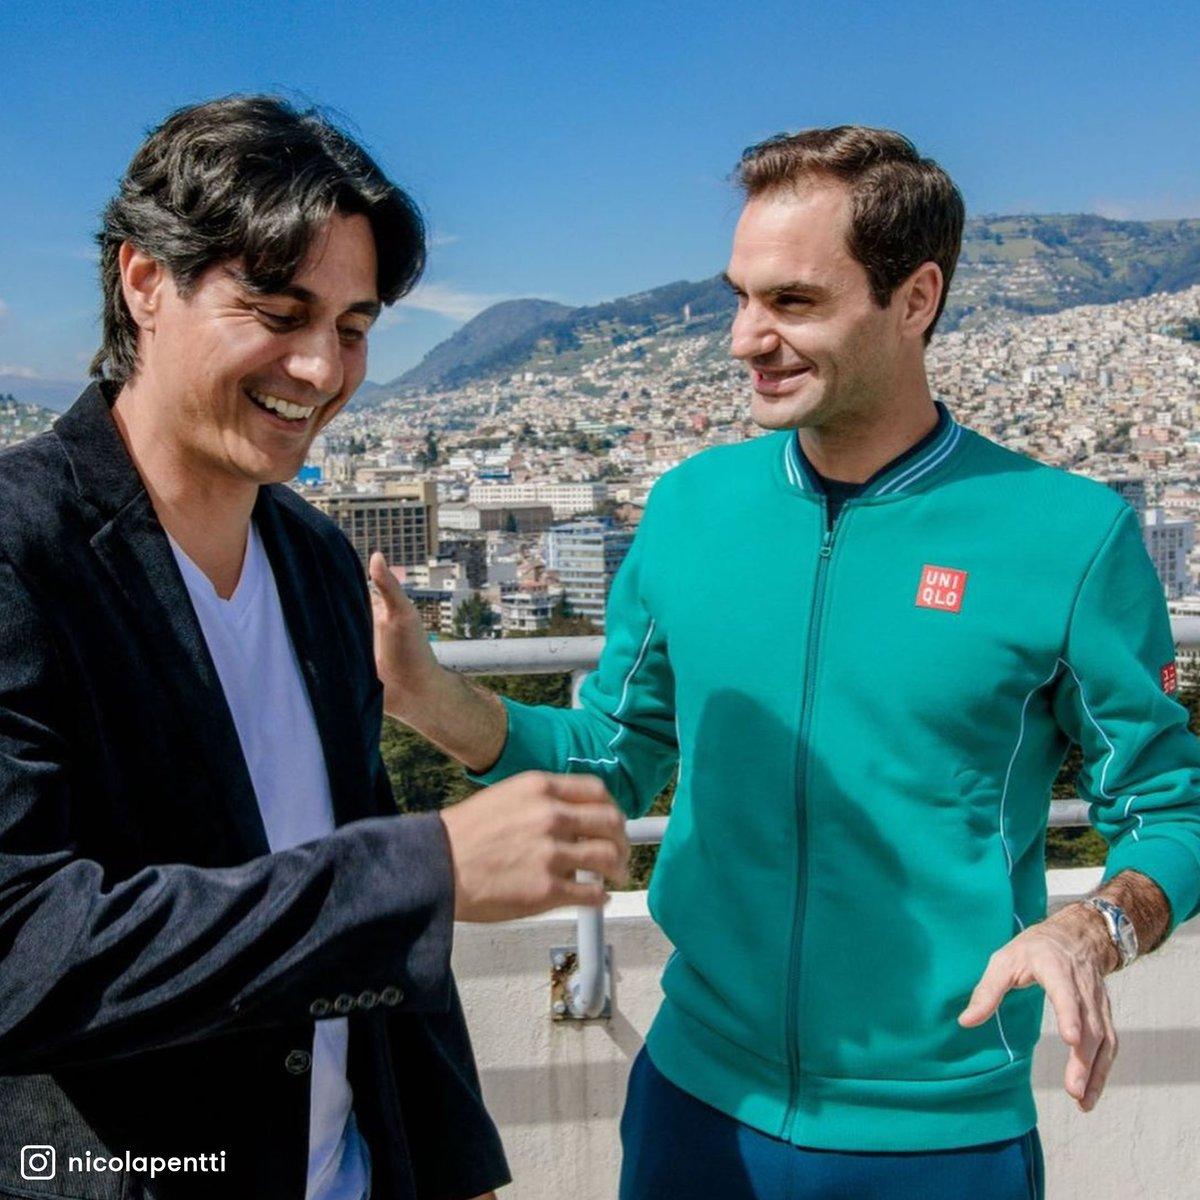 A un año de #FedererEnQuito. 🇨🇭❤️🇪🇨  #TENISxESPN @rogerfederer @nicolapentti https://t.co/vlBp5oKkHU